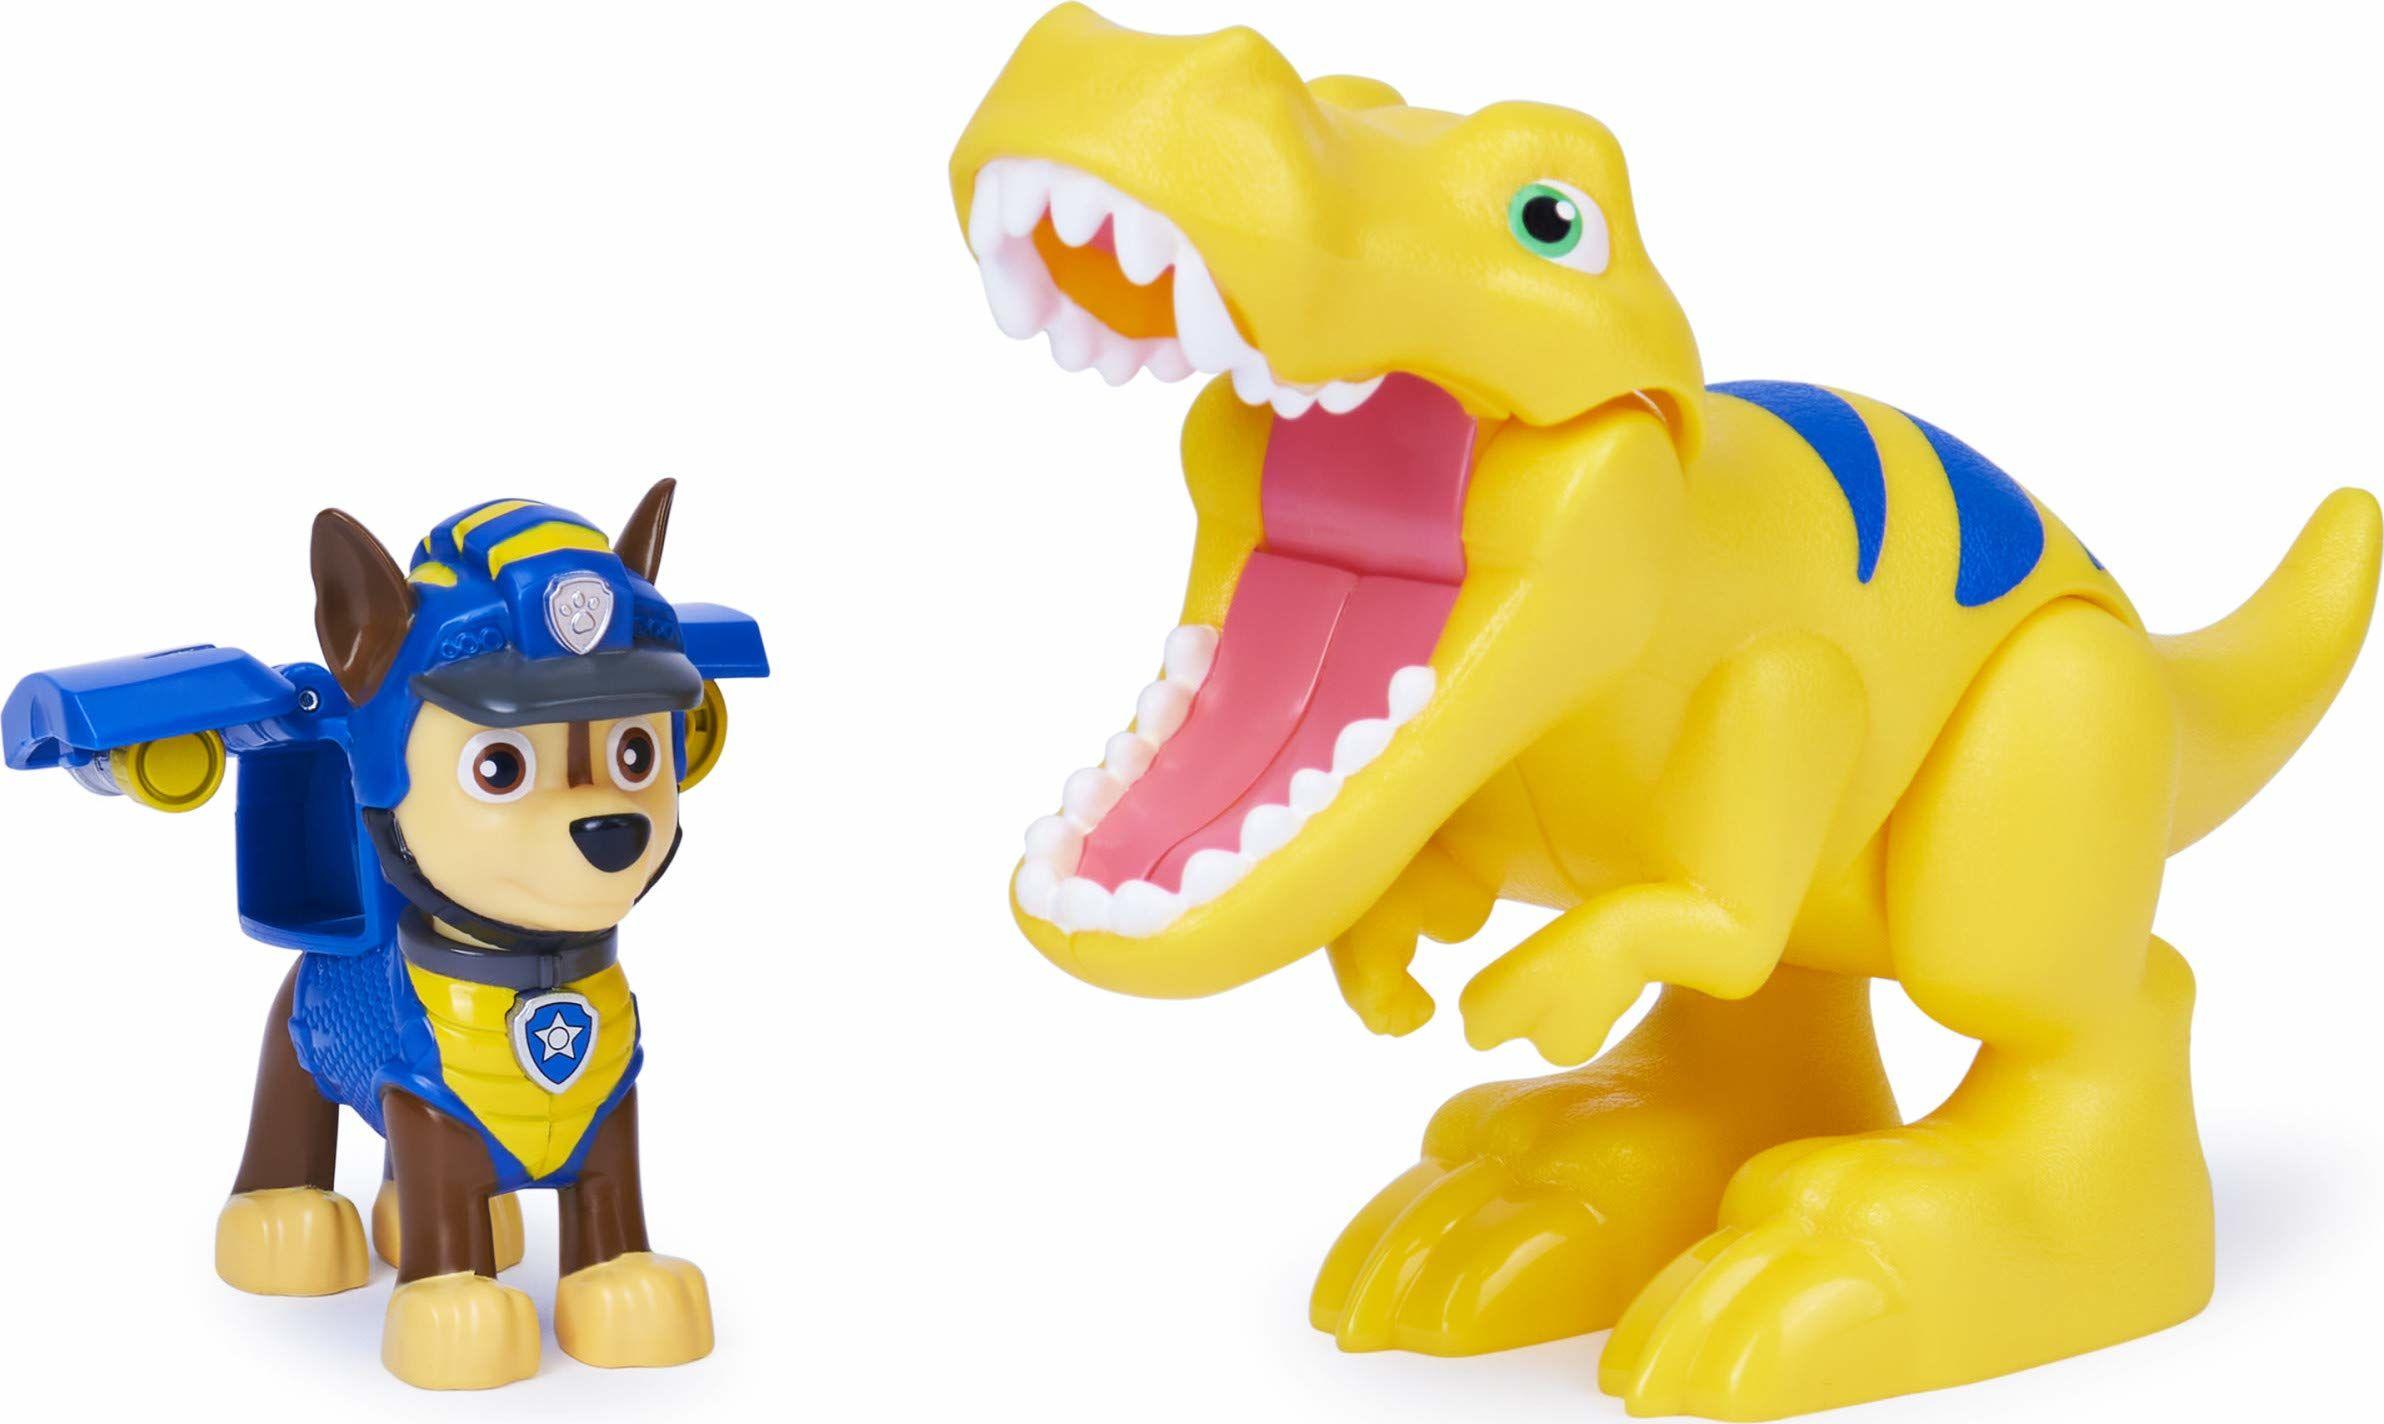 PAW Patrol Dino Rescue Chase i dinozaur zestaw figurek akcji dla dzieci od 3 lat